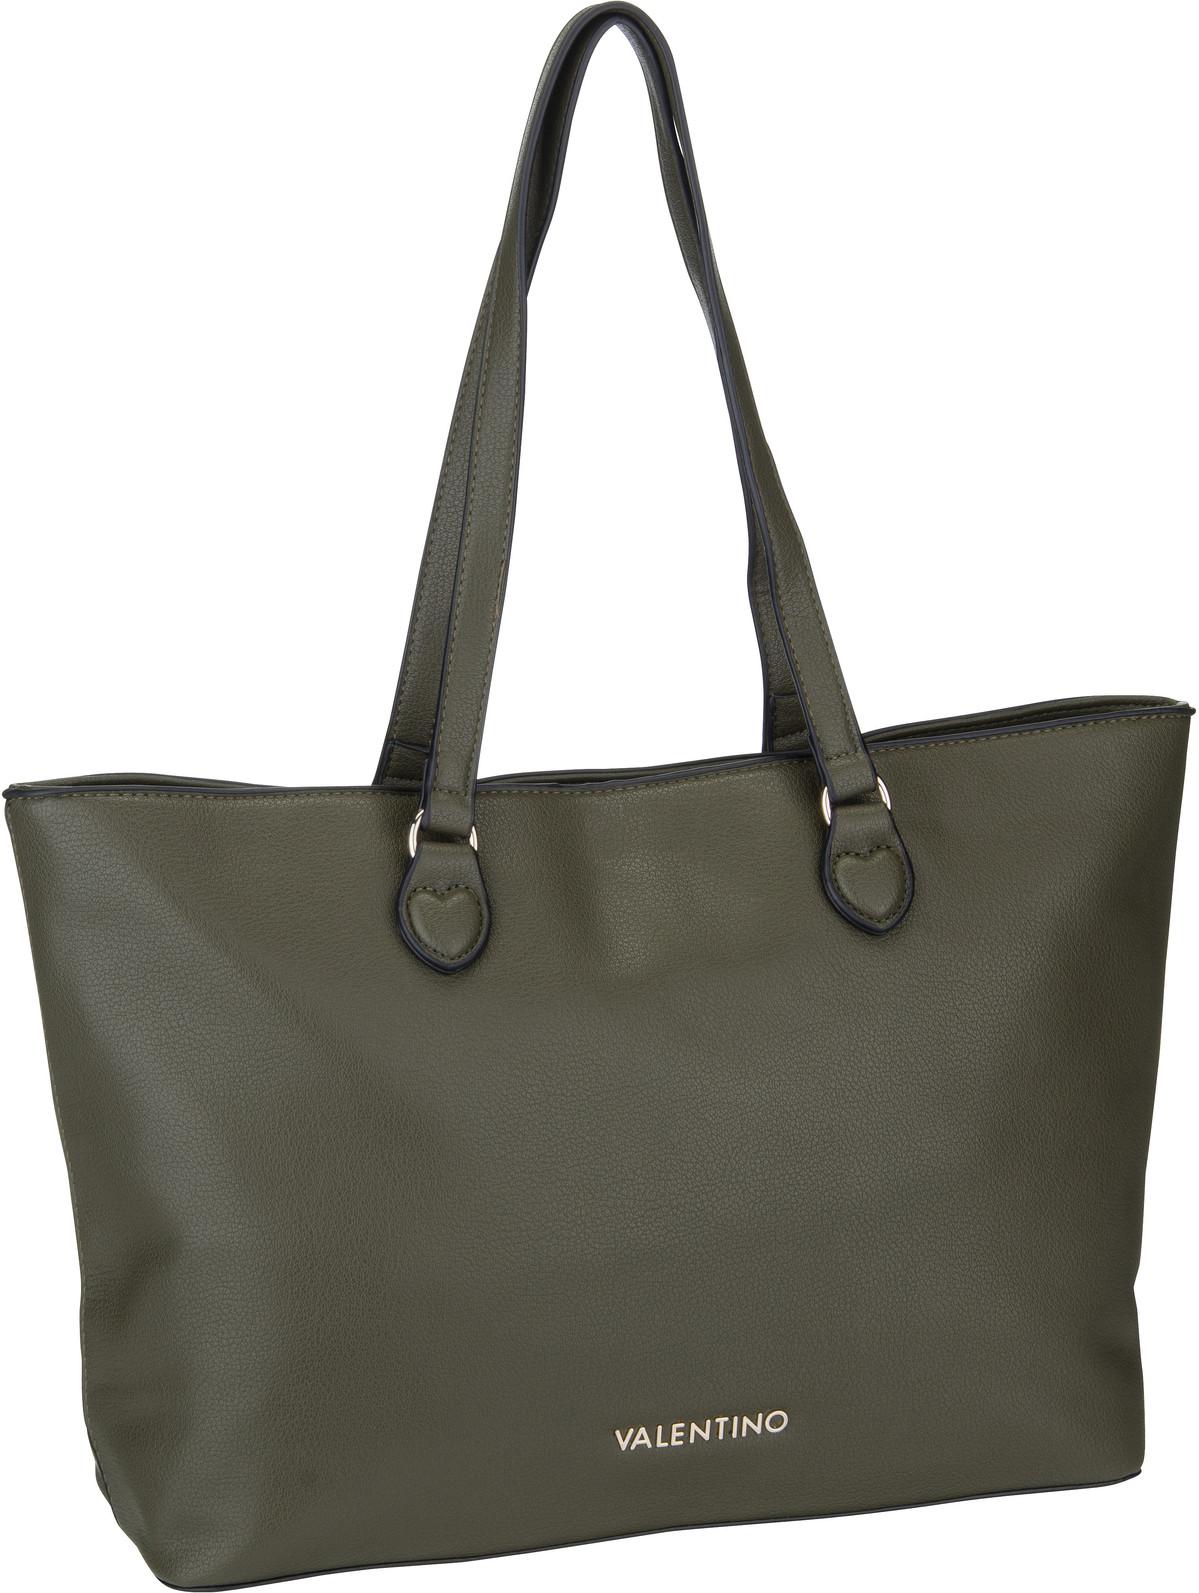 Bags Shopper Flauto Shopping B02 Militare